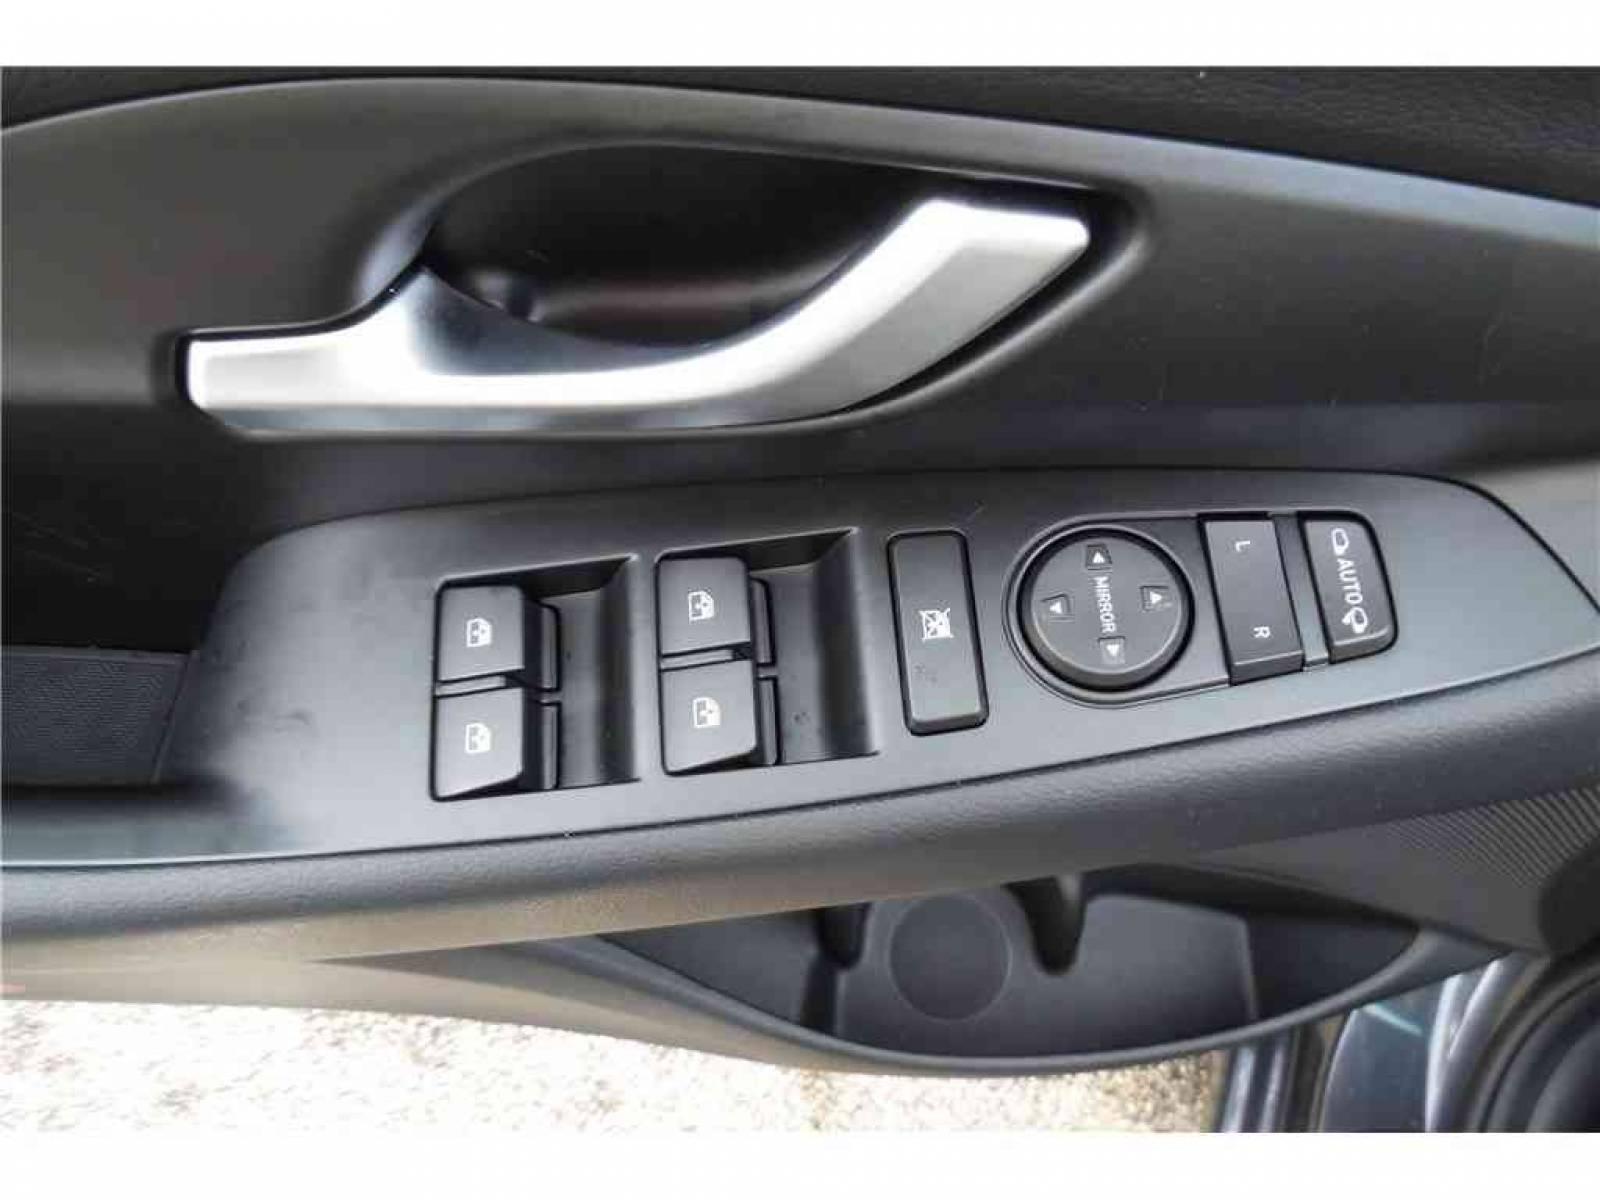 HYUNDAI i30 1.0 T-GDi 120 iBVM6 - véhicule d'occasion - Groupe Guillet - Hyundai - Zenith Motors – Montceau-les-Mines - 71300 - Montceau-les-Mines - 26